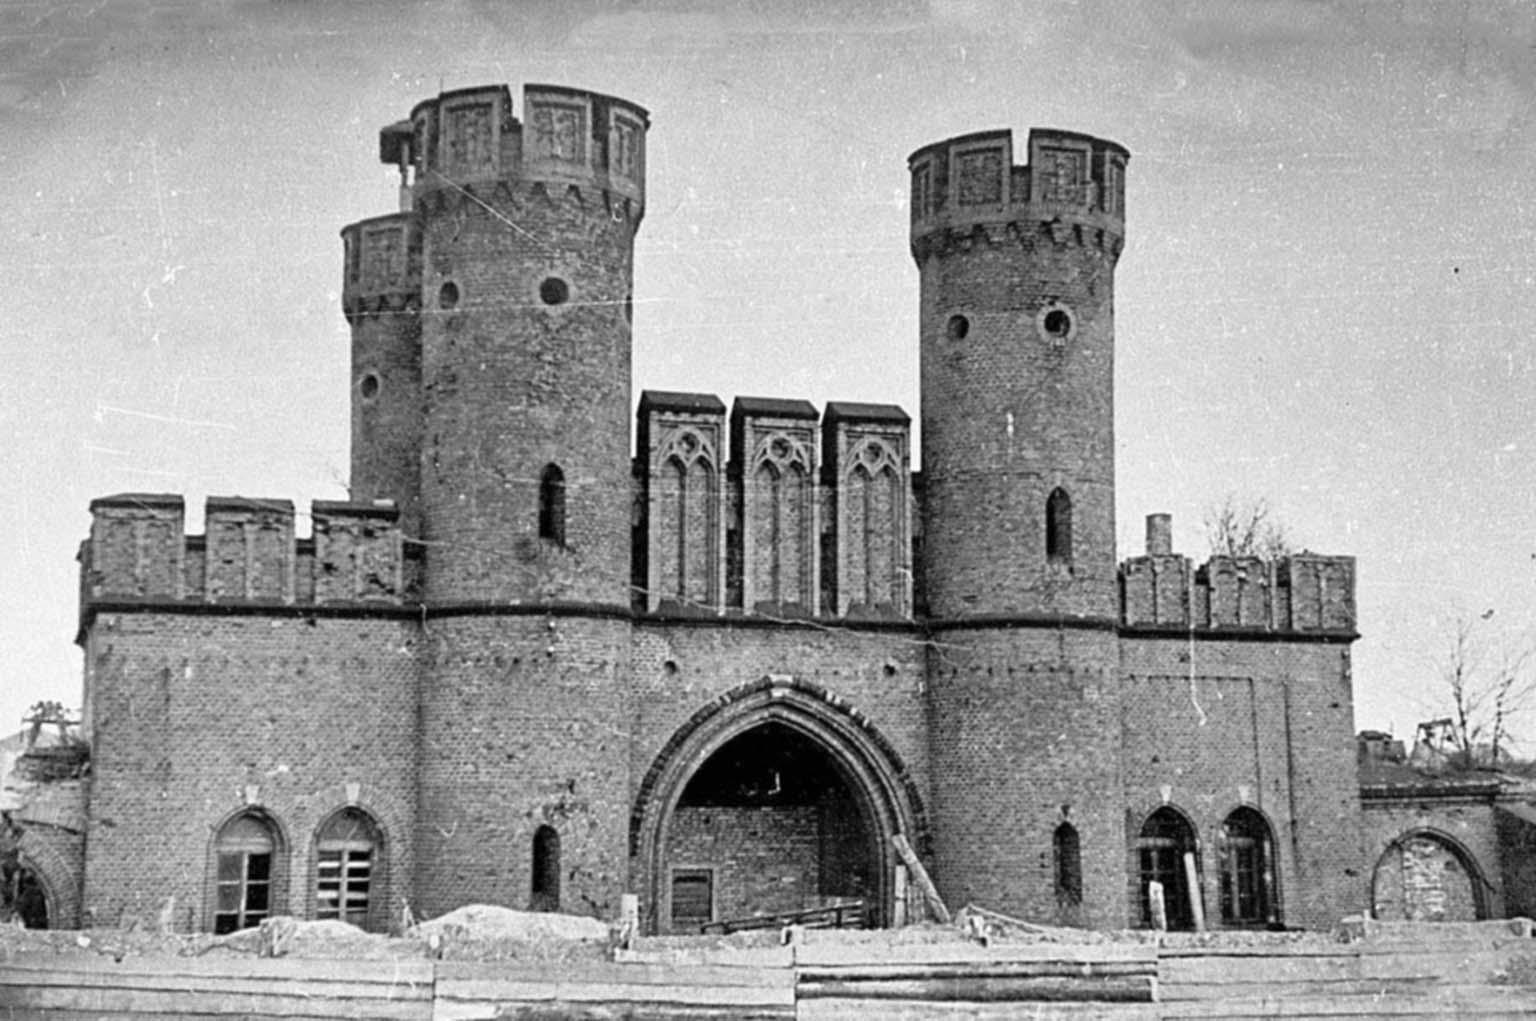 Friedrichsburg Gate